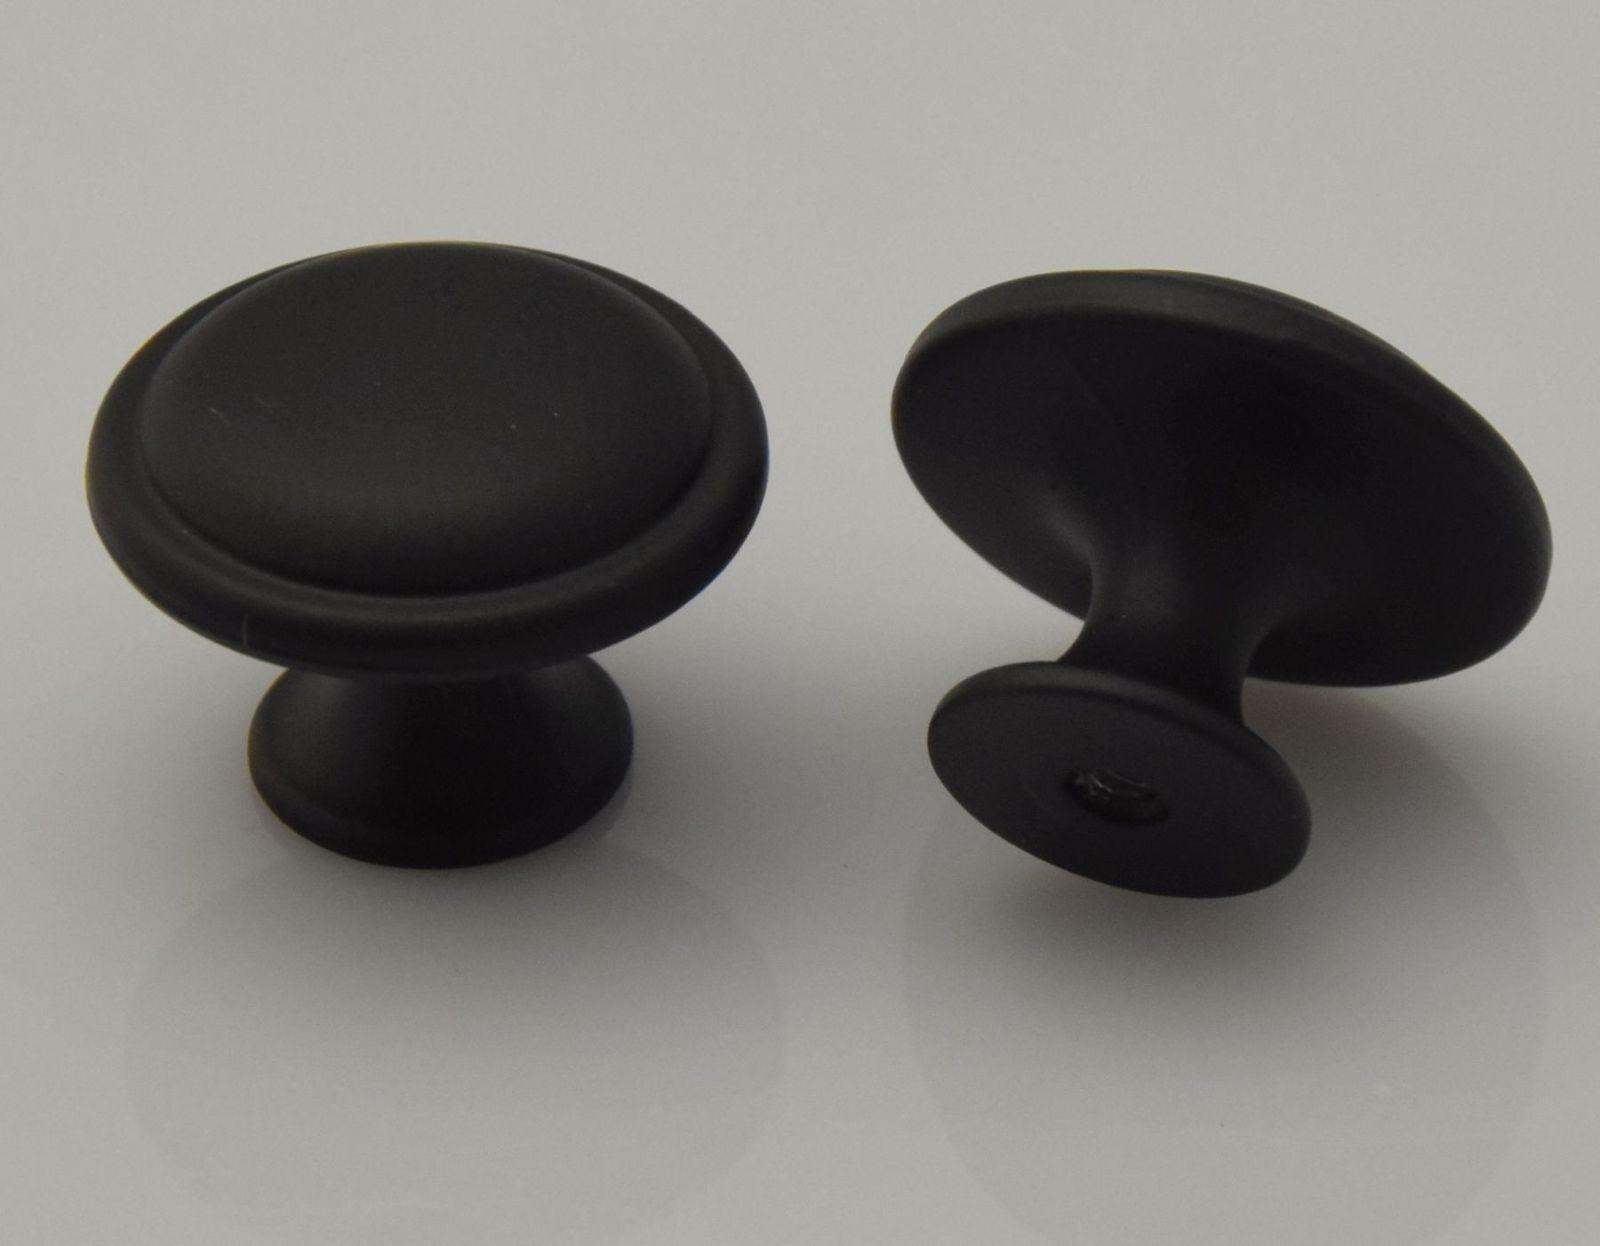 möbelknopf Ø 30 mm türknöpfe schwarz möbelknauf schubladen